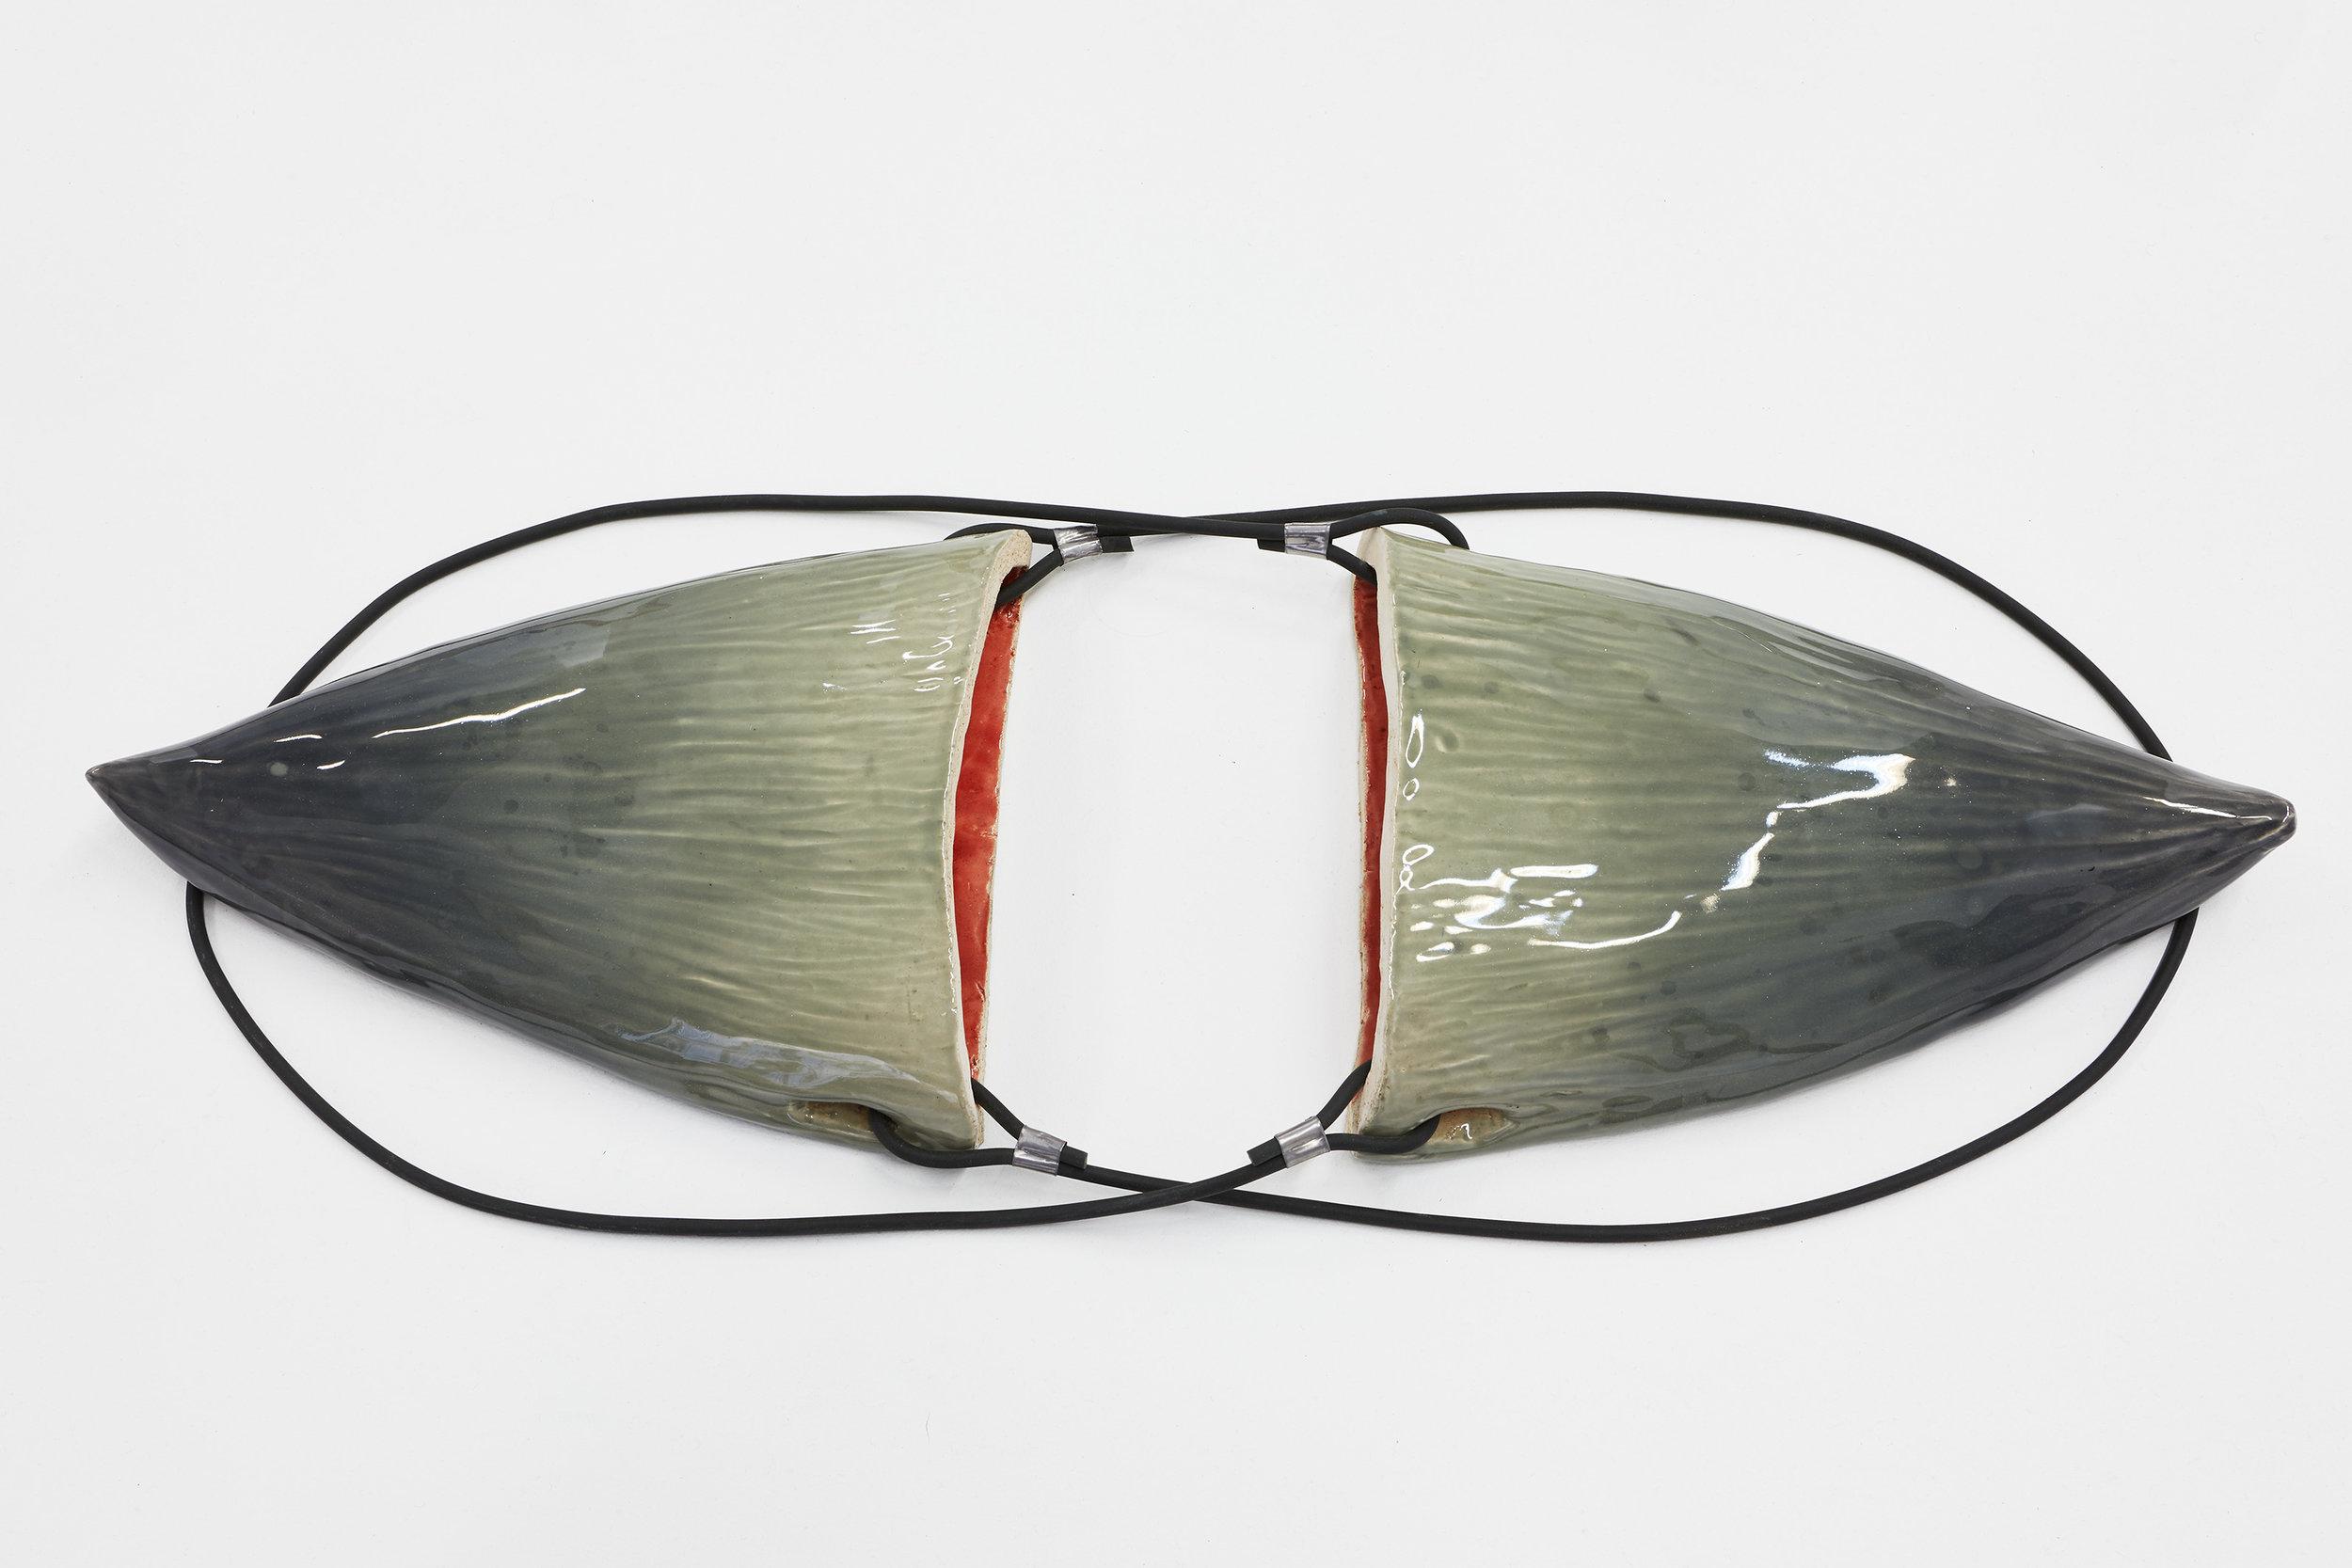 ELSA GUILLAUME, TRIPLE KIT N°15, 2018, 30 x 20 x 5 cm, Céramique émaillée, caoutchouc, rivets. Ensemble de deux.